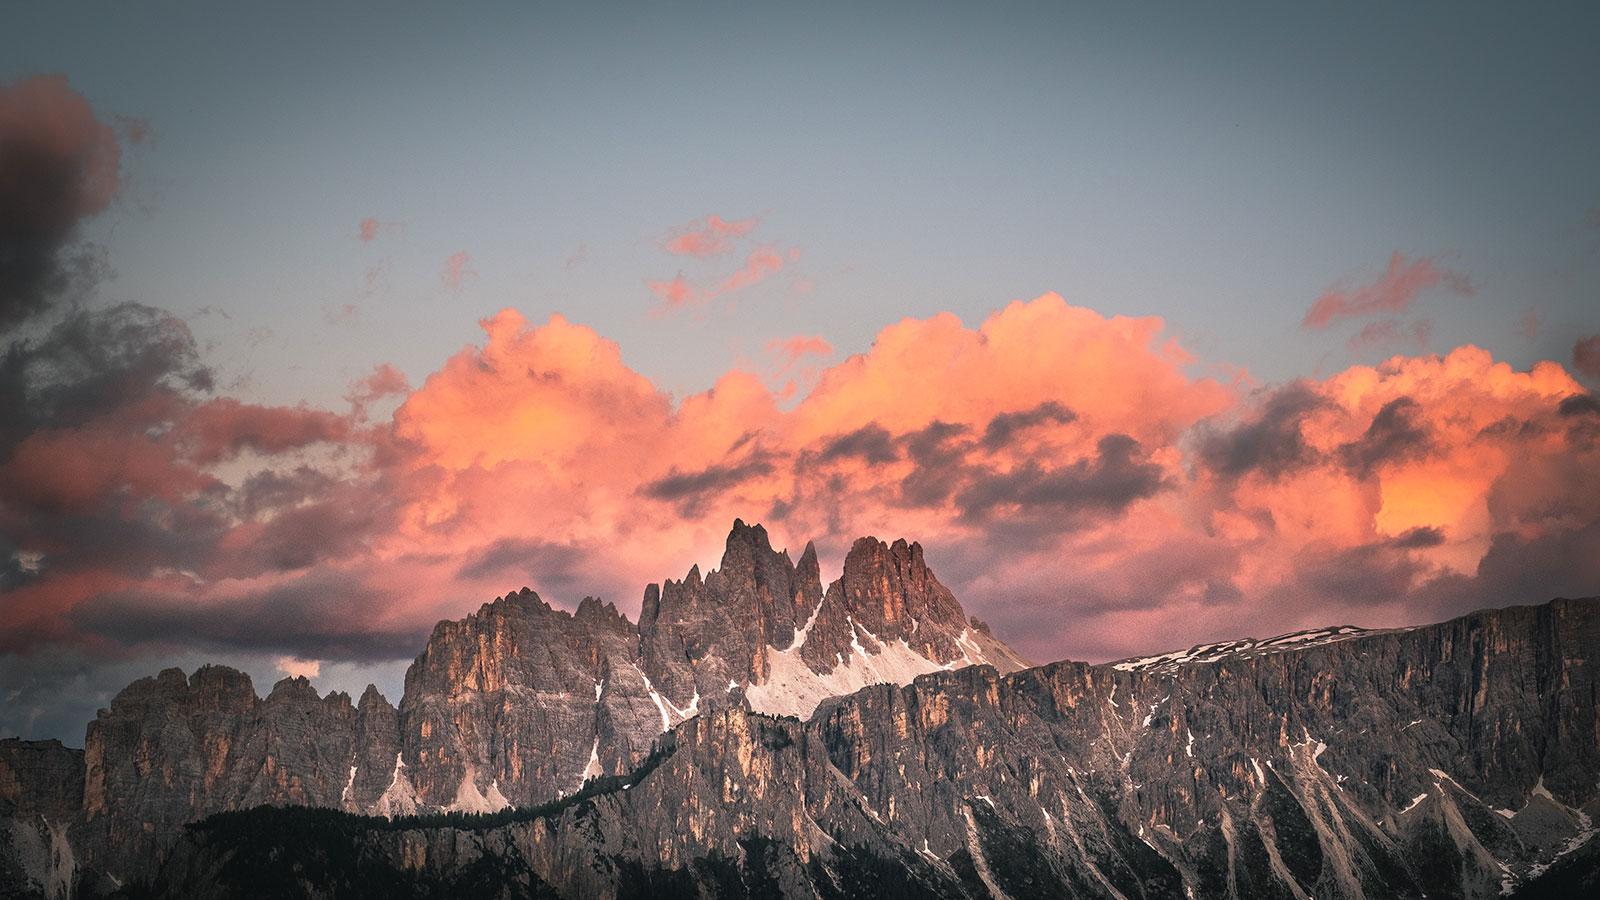 Sonnenuntergangskitsch. Dolomiten | Pauli Trenkwalder, Berge & Psychologie